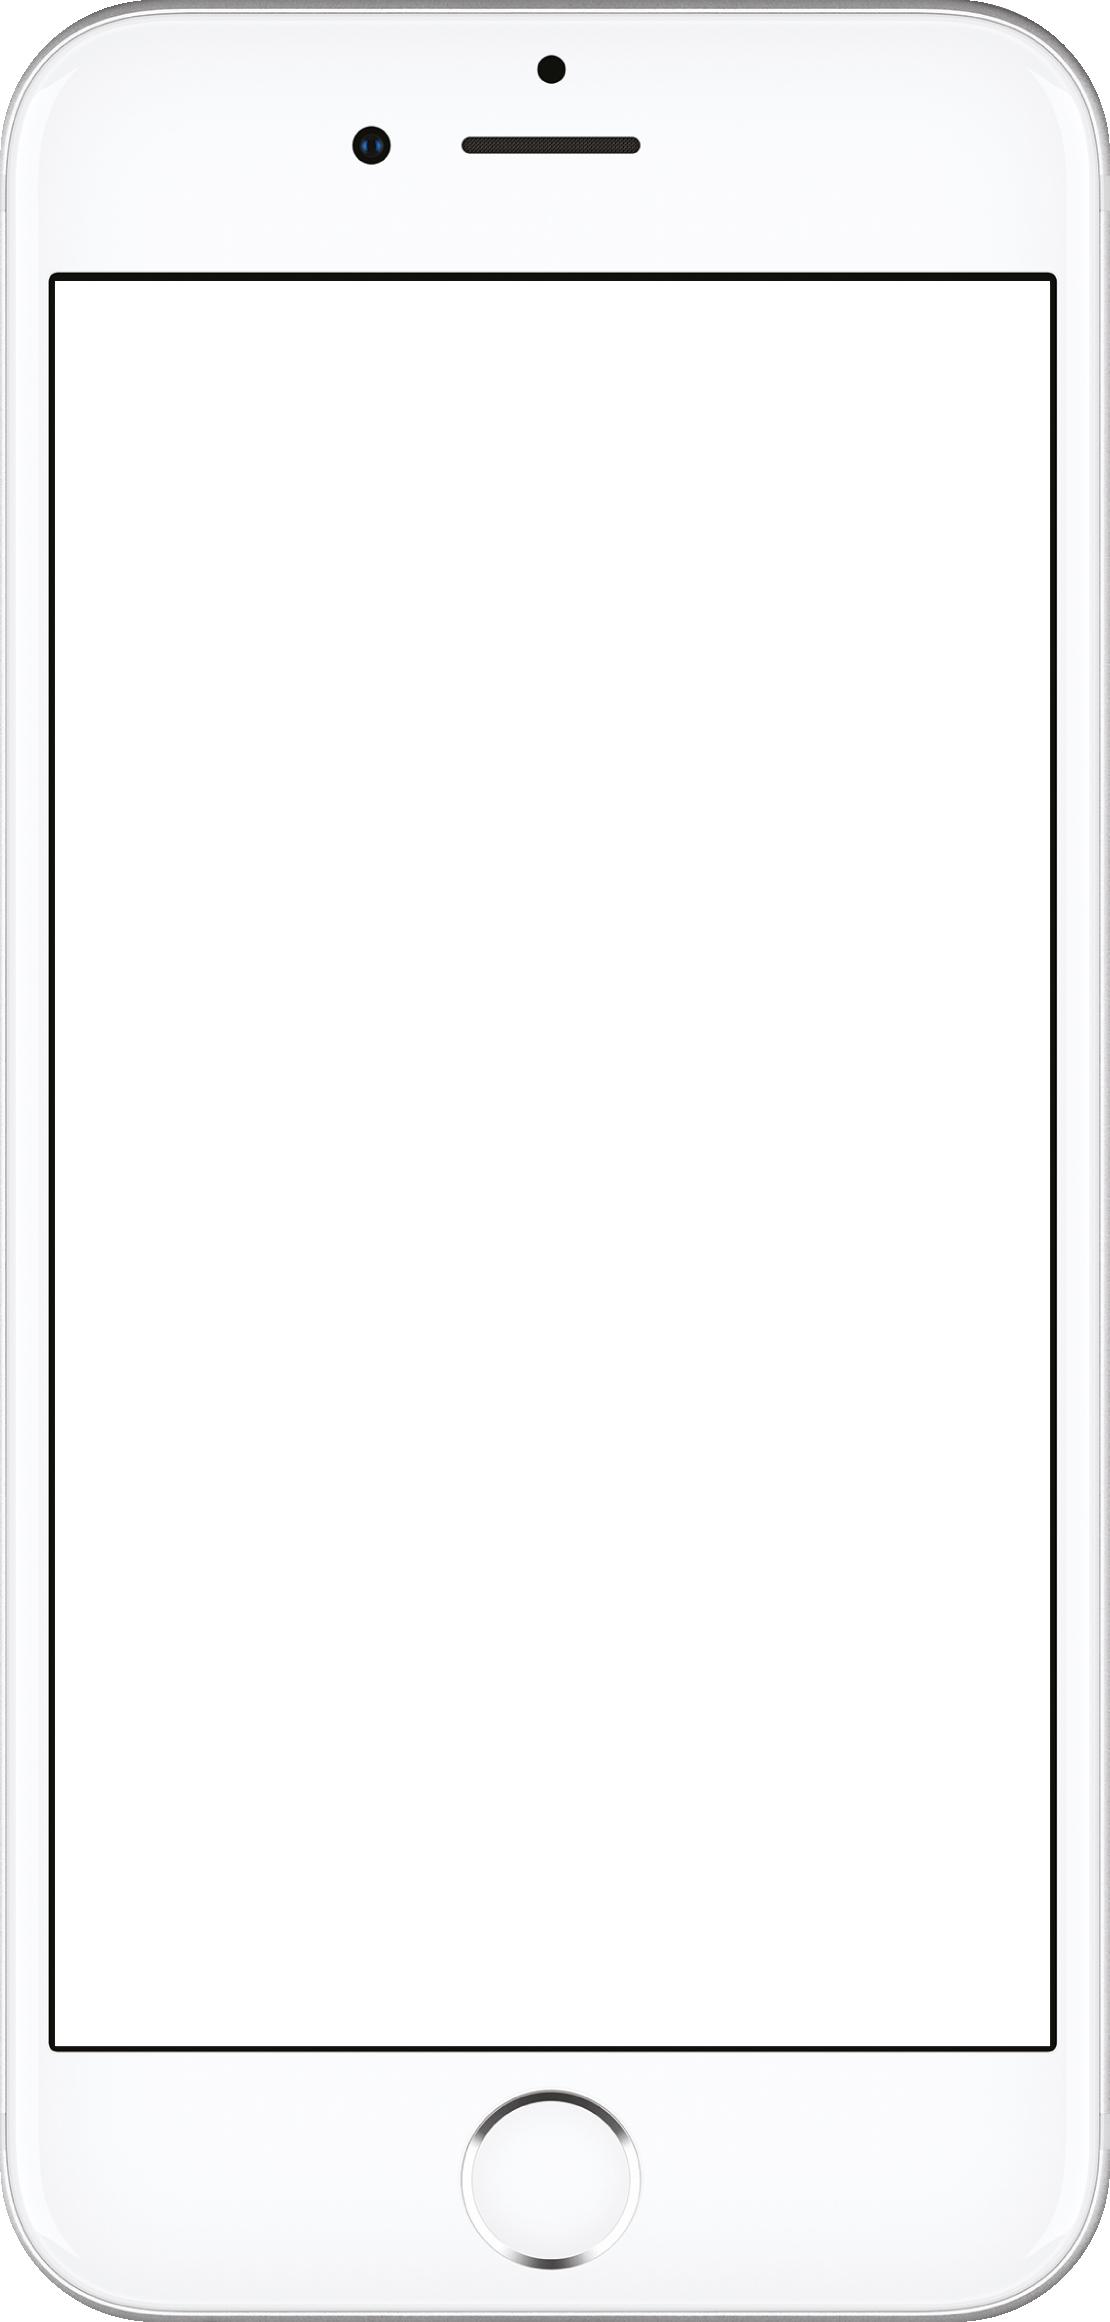 Aperçu de l'application mobile Birre&Co.